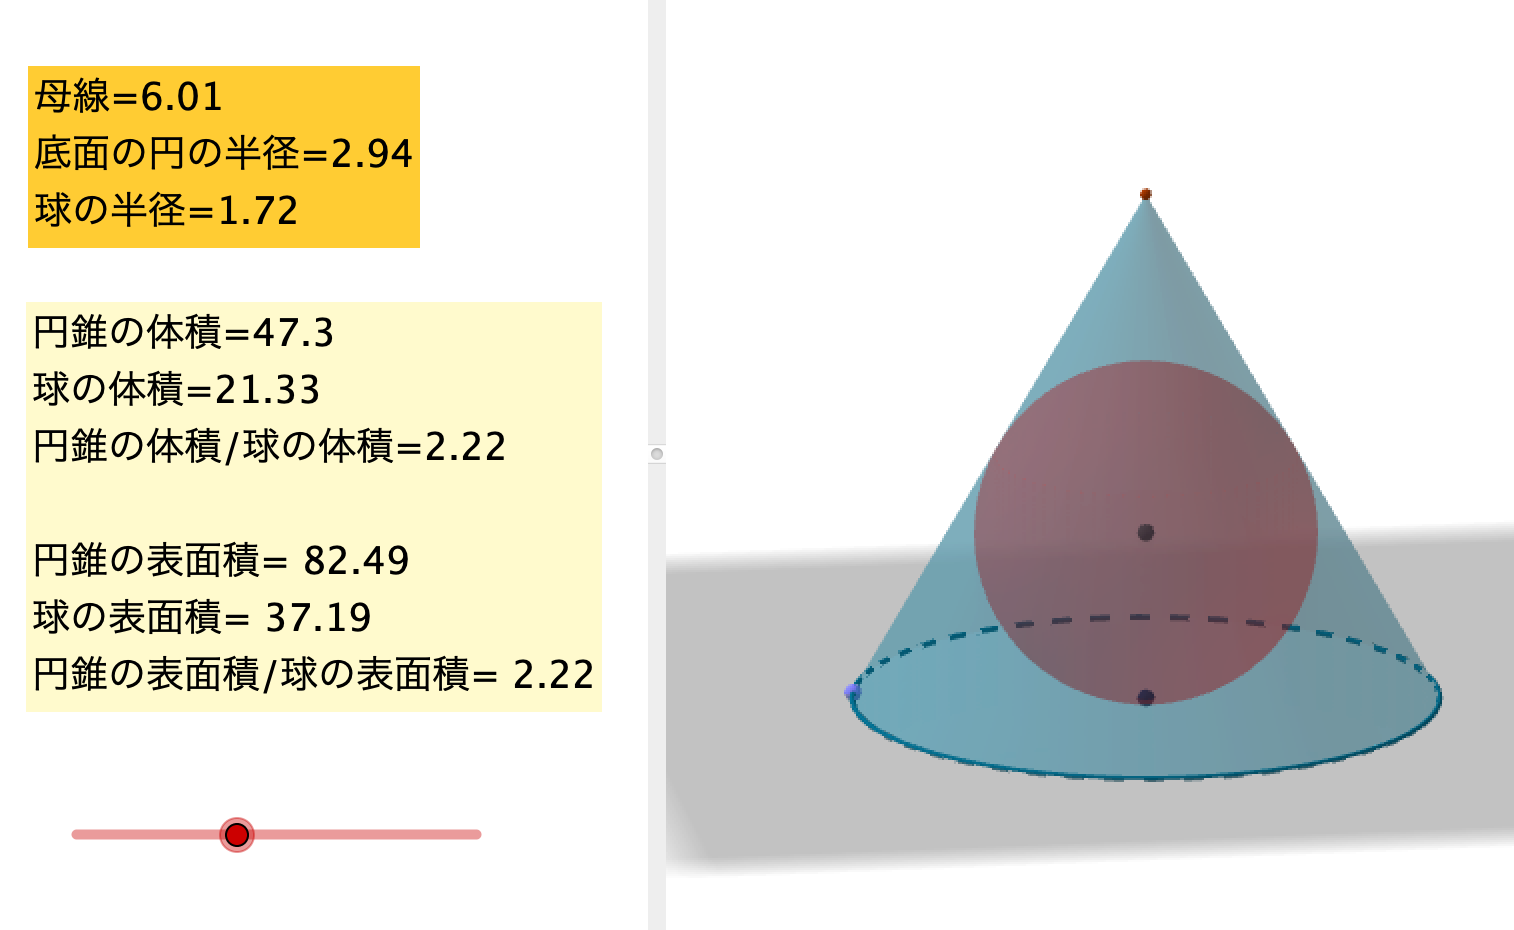 円錐 の 体積